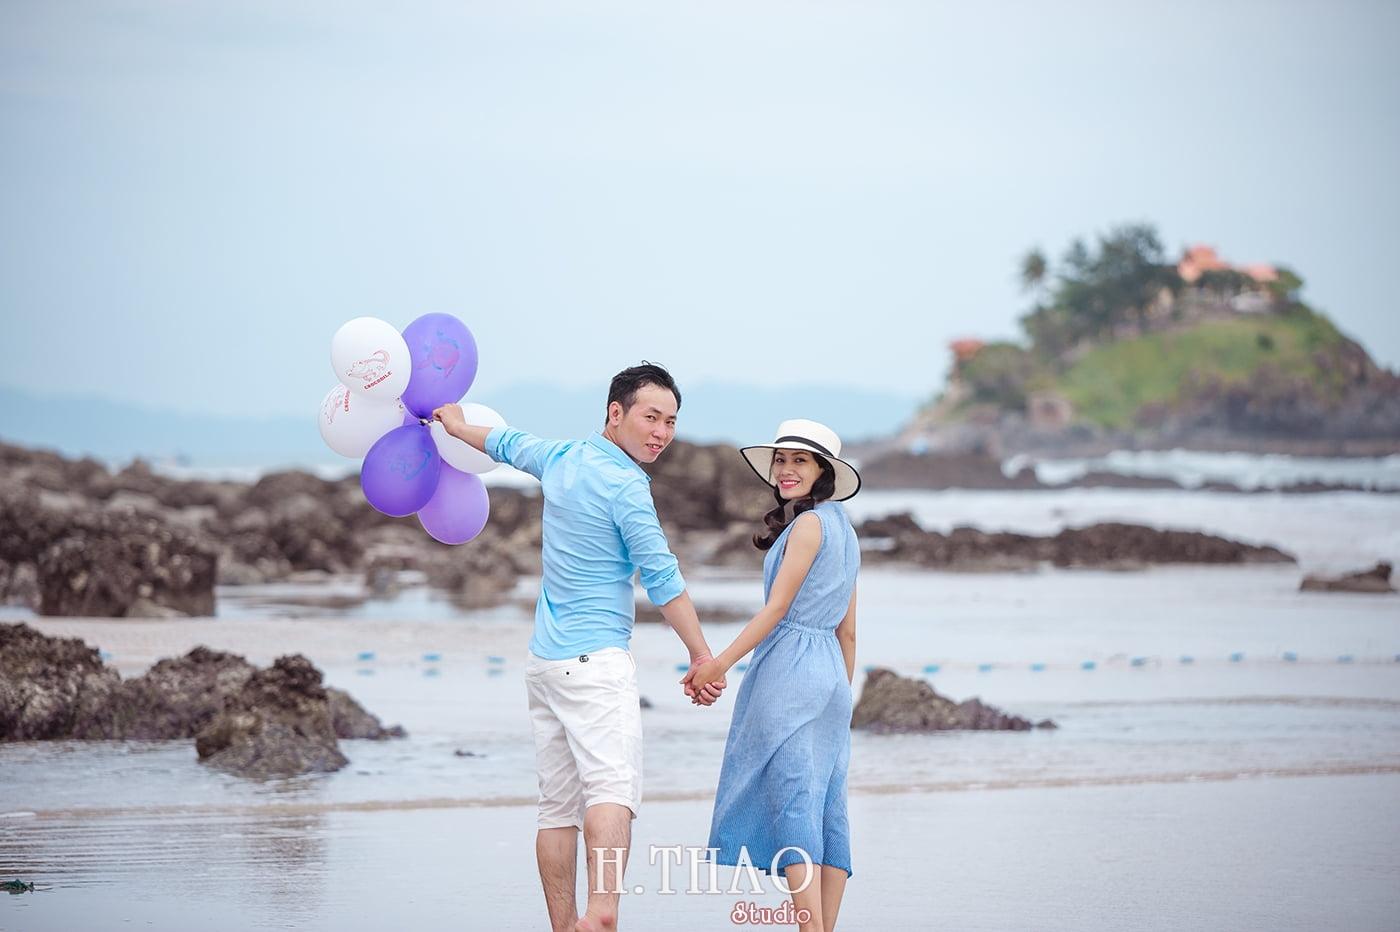 anh 360 - Ảnh cưới Mũi Nghinh Phong, Vũng Tàu